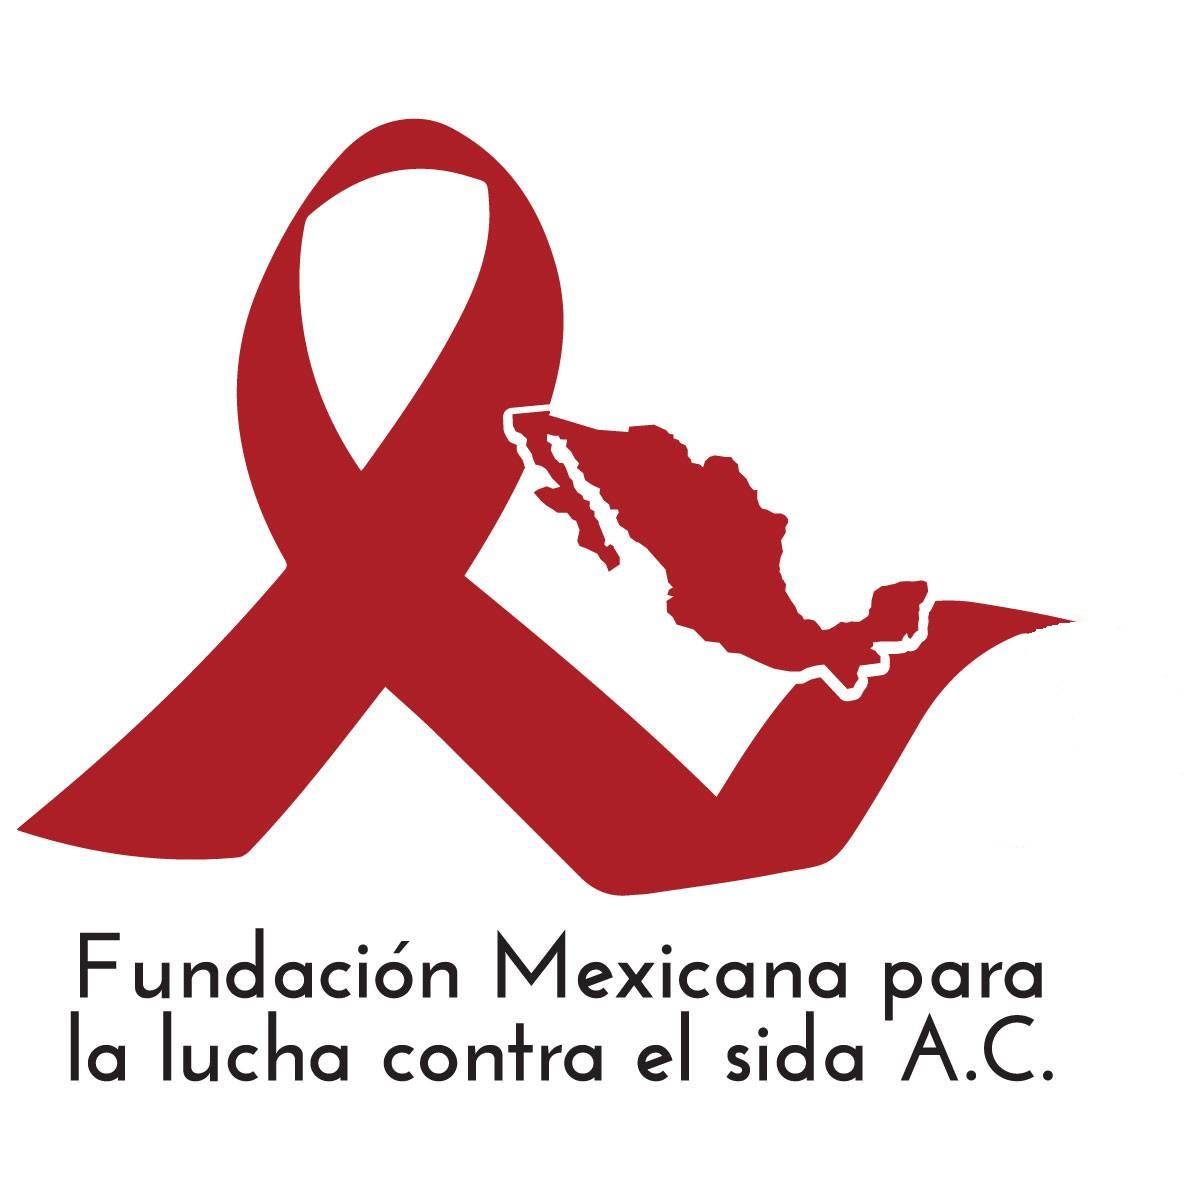 Fundación Mexicana Para La Lucha Contra el SIDA, A.C.